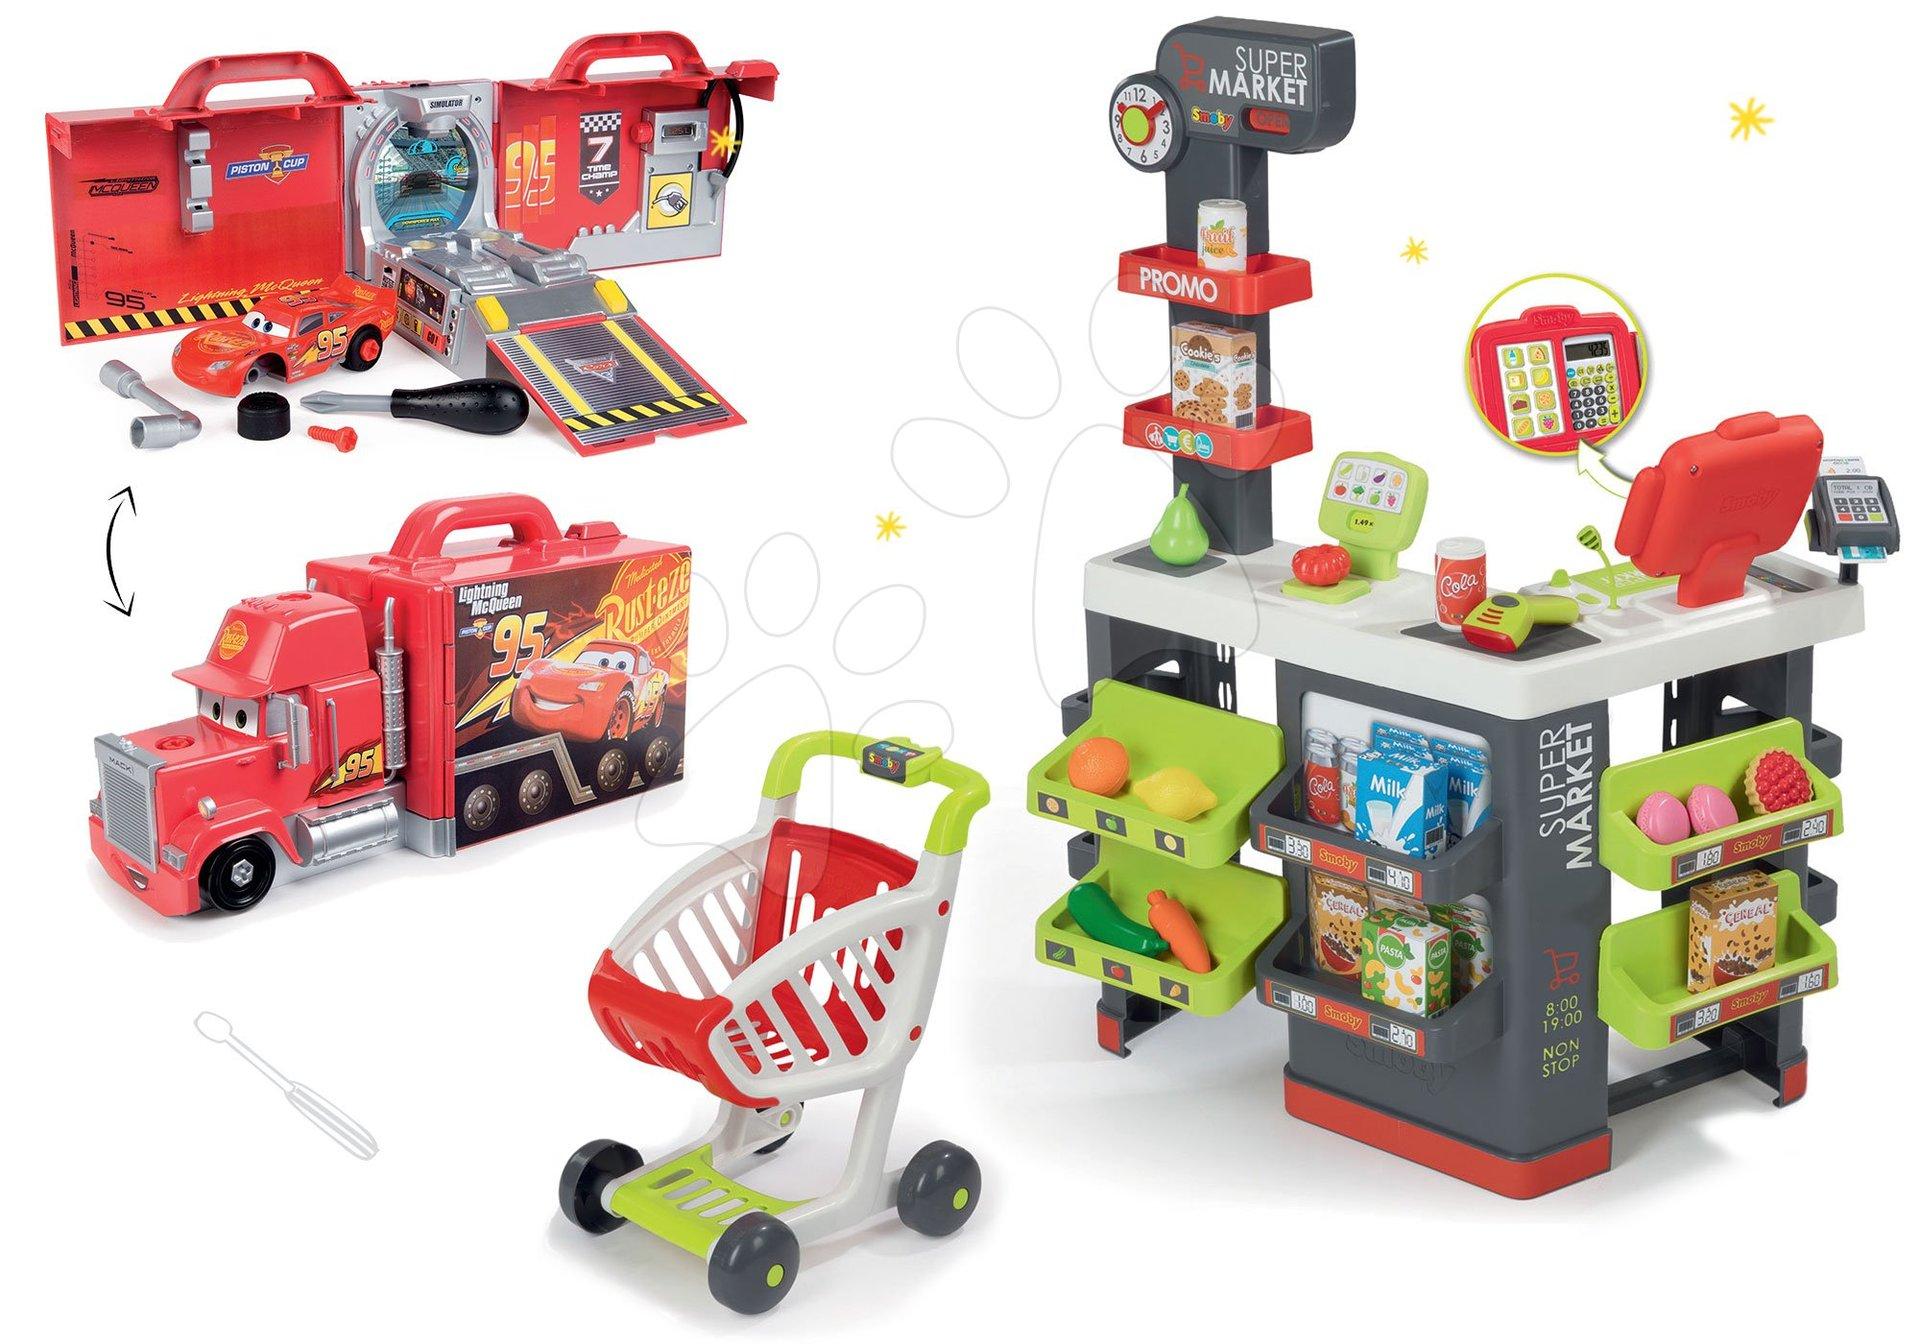 Smoby set obchod s vozíkem Supermarket a kamion Auta 3 Mack Truck elektronický 350213-14